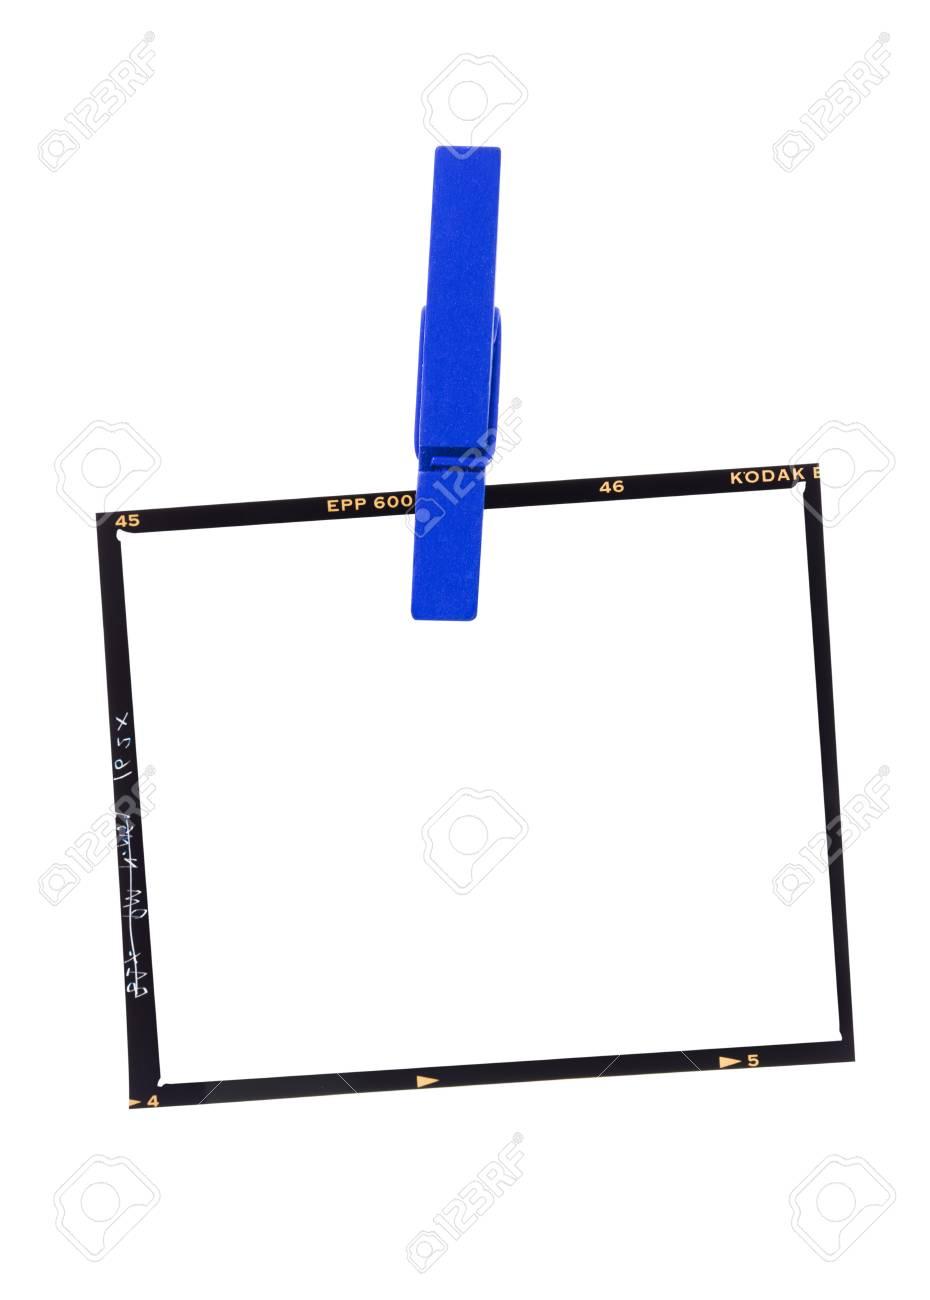 Film-Grenzen, Blank Mittelformat (6x6) Farbfilm Rahmen Mit ...